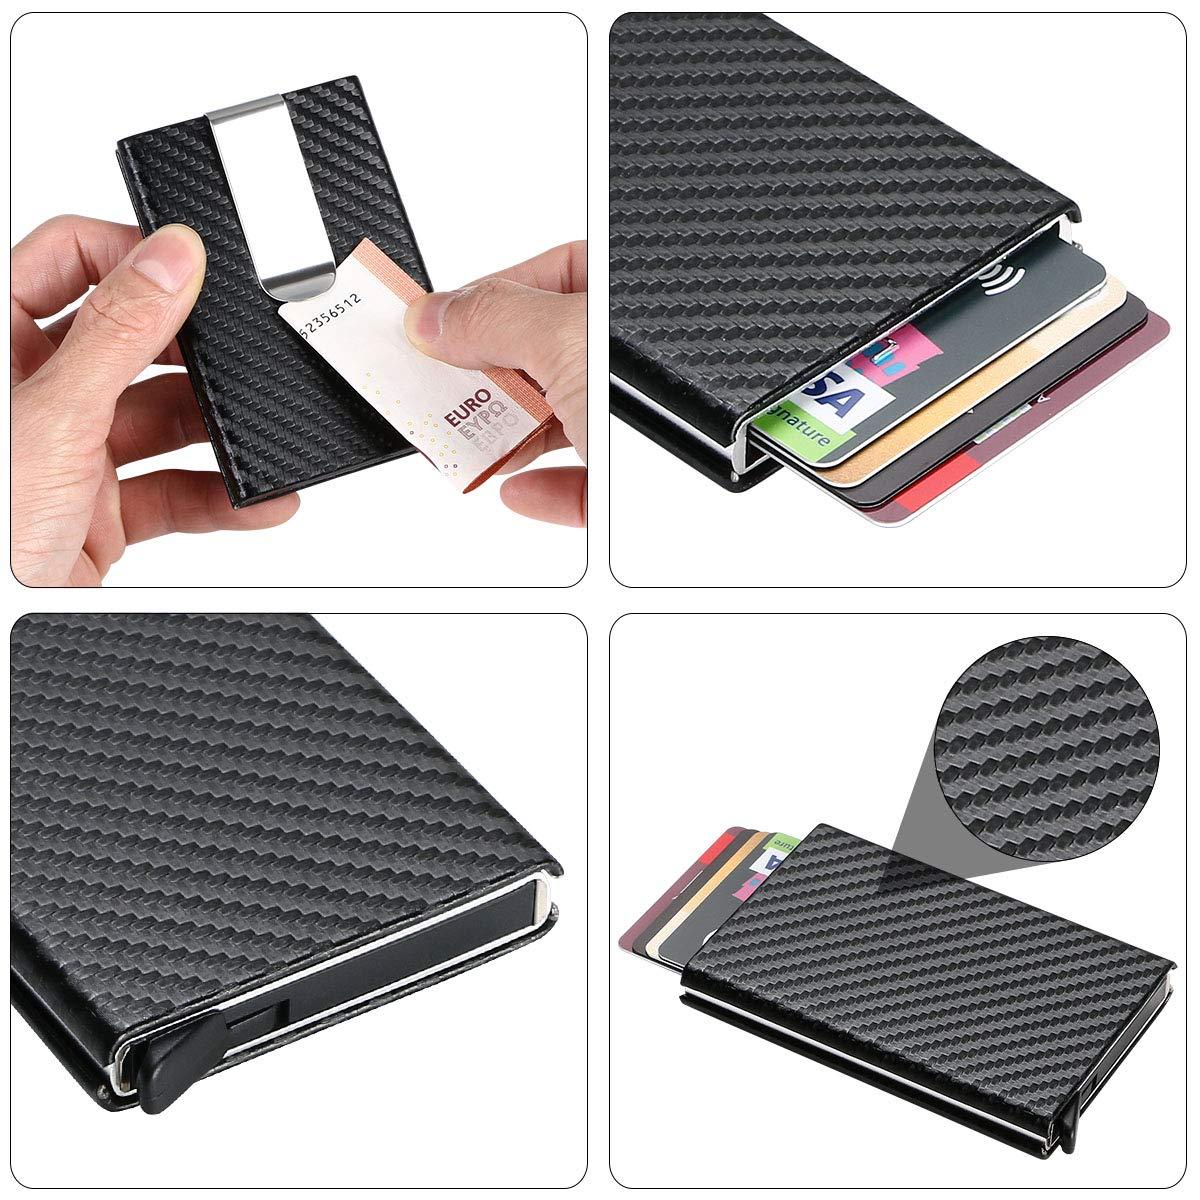 ID 1pcs Argento Portafoglio Elegante Viaggi URAQT RFID Blocking Portafoglio Carte Credito per Uomini e Donne Business Assicurazioni Porta Carte Credito Metallo